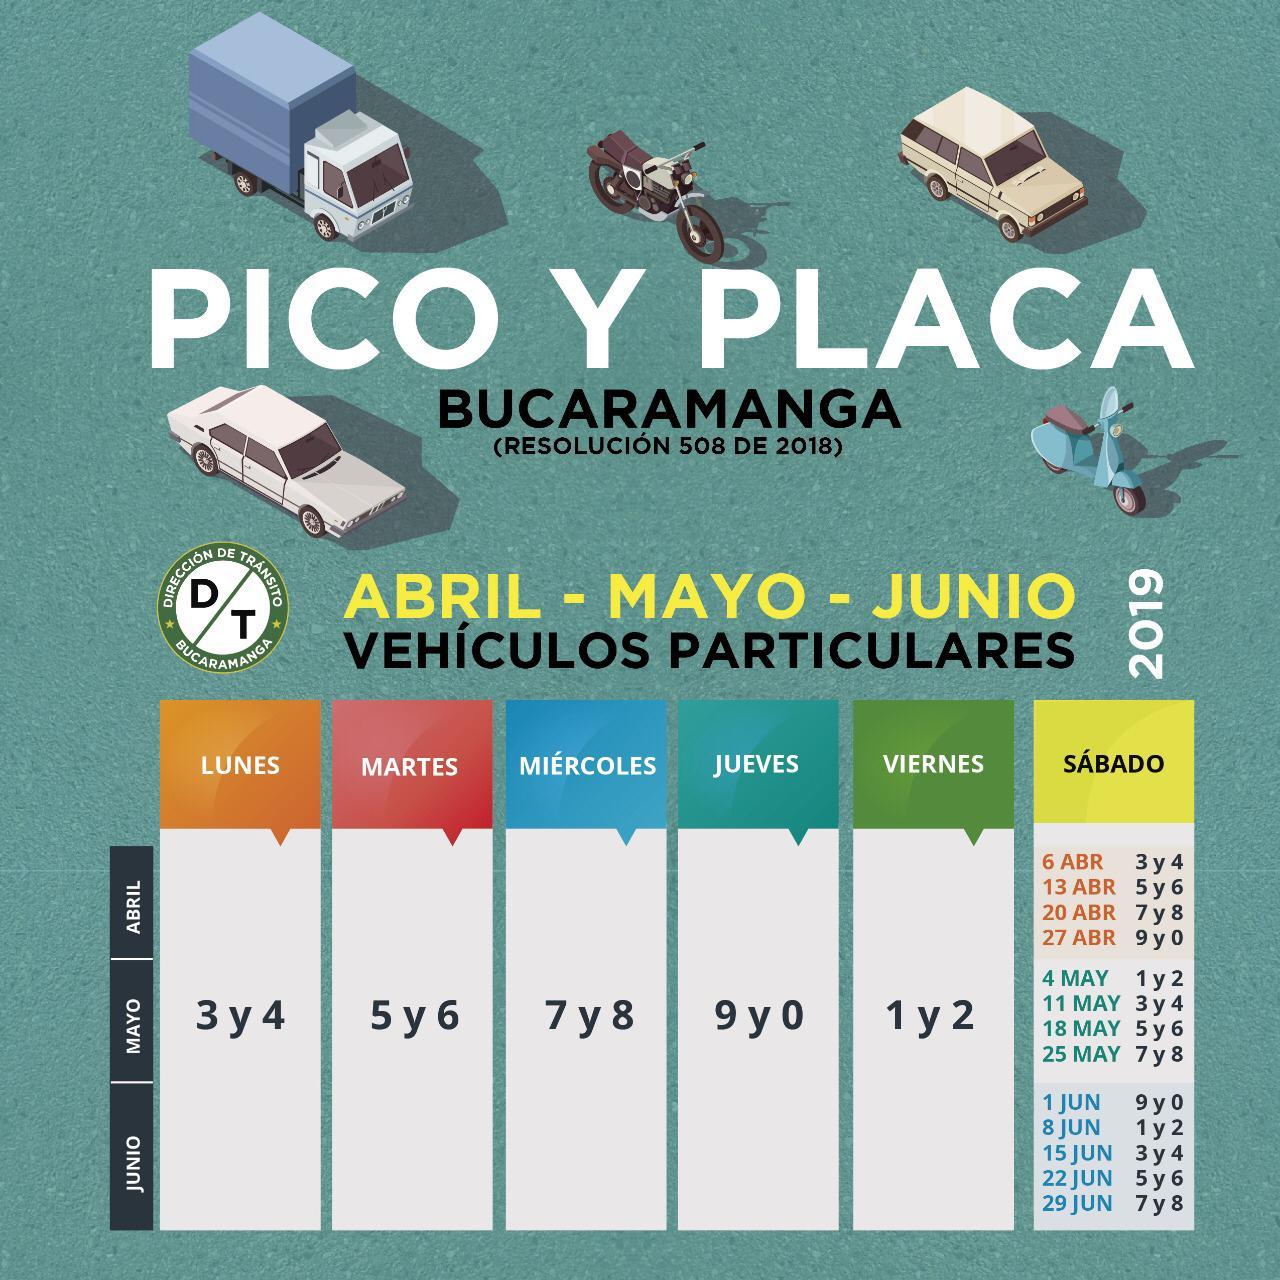 El lunes 1 de abril rotará el pico y placa en Bucaramanga | Metro | EL FRENTE